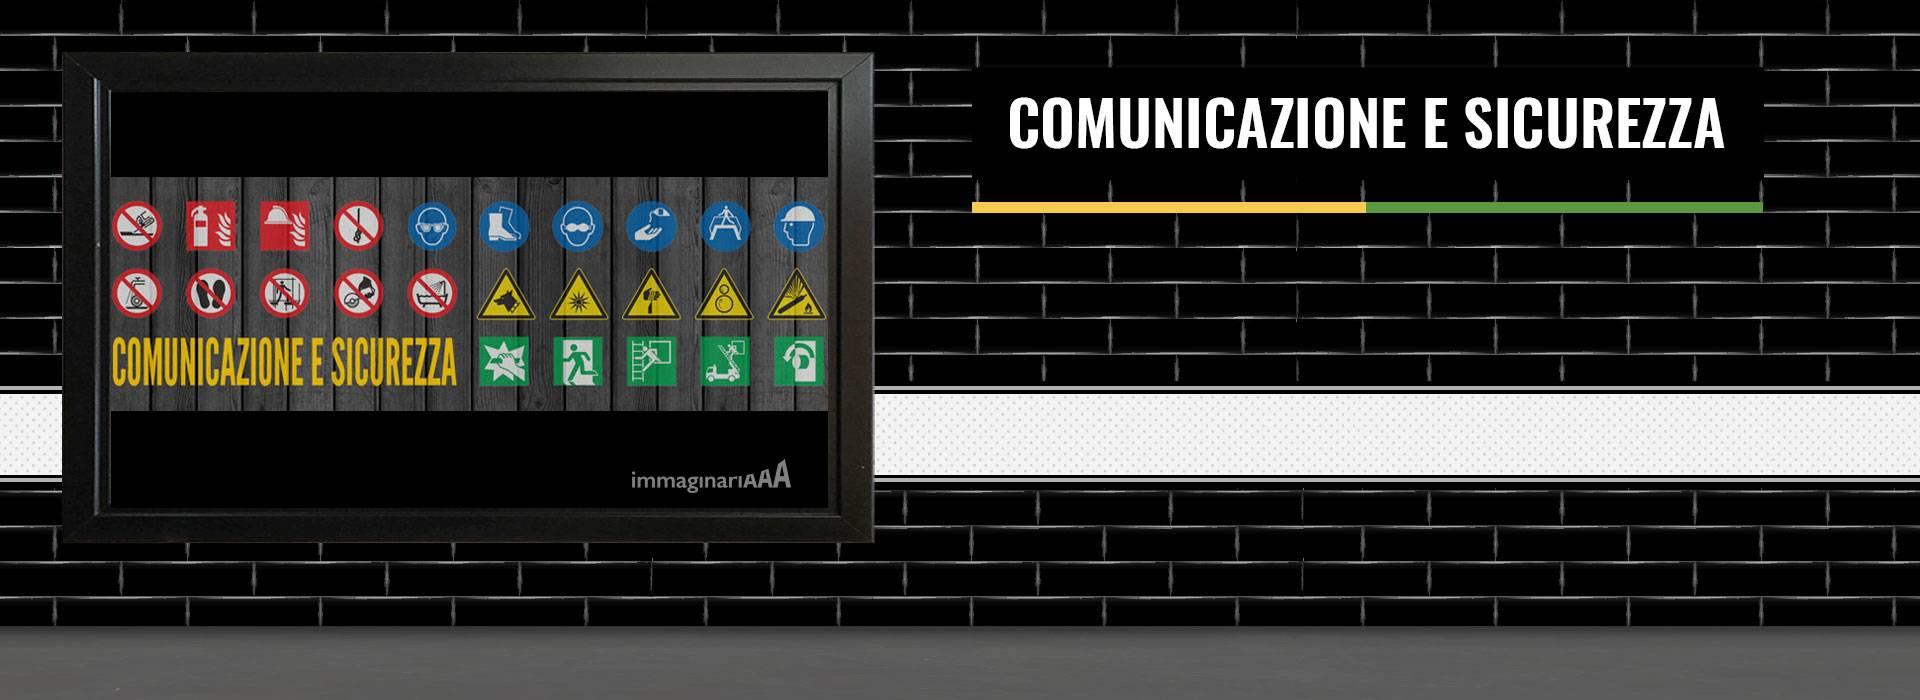 Comunicazione e sicurezza